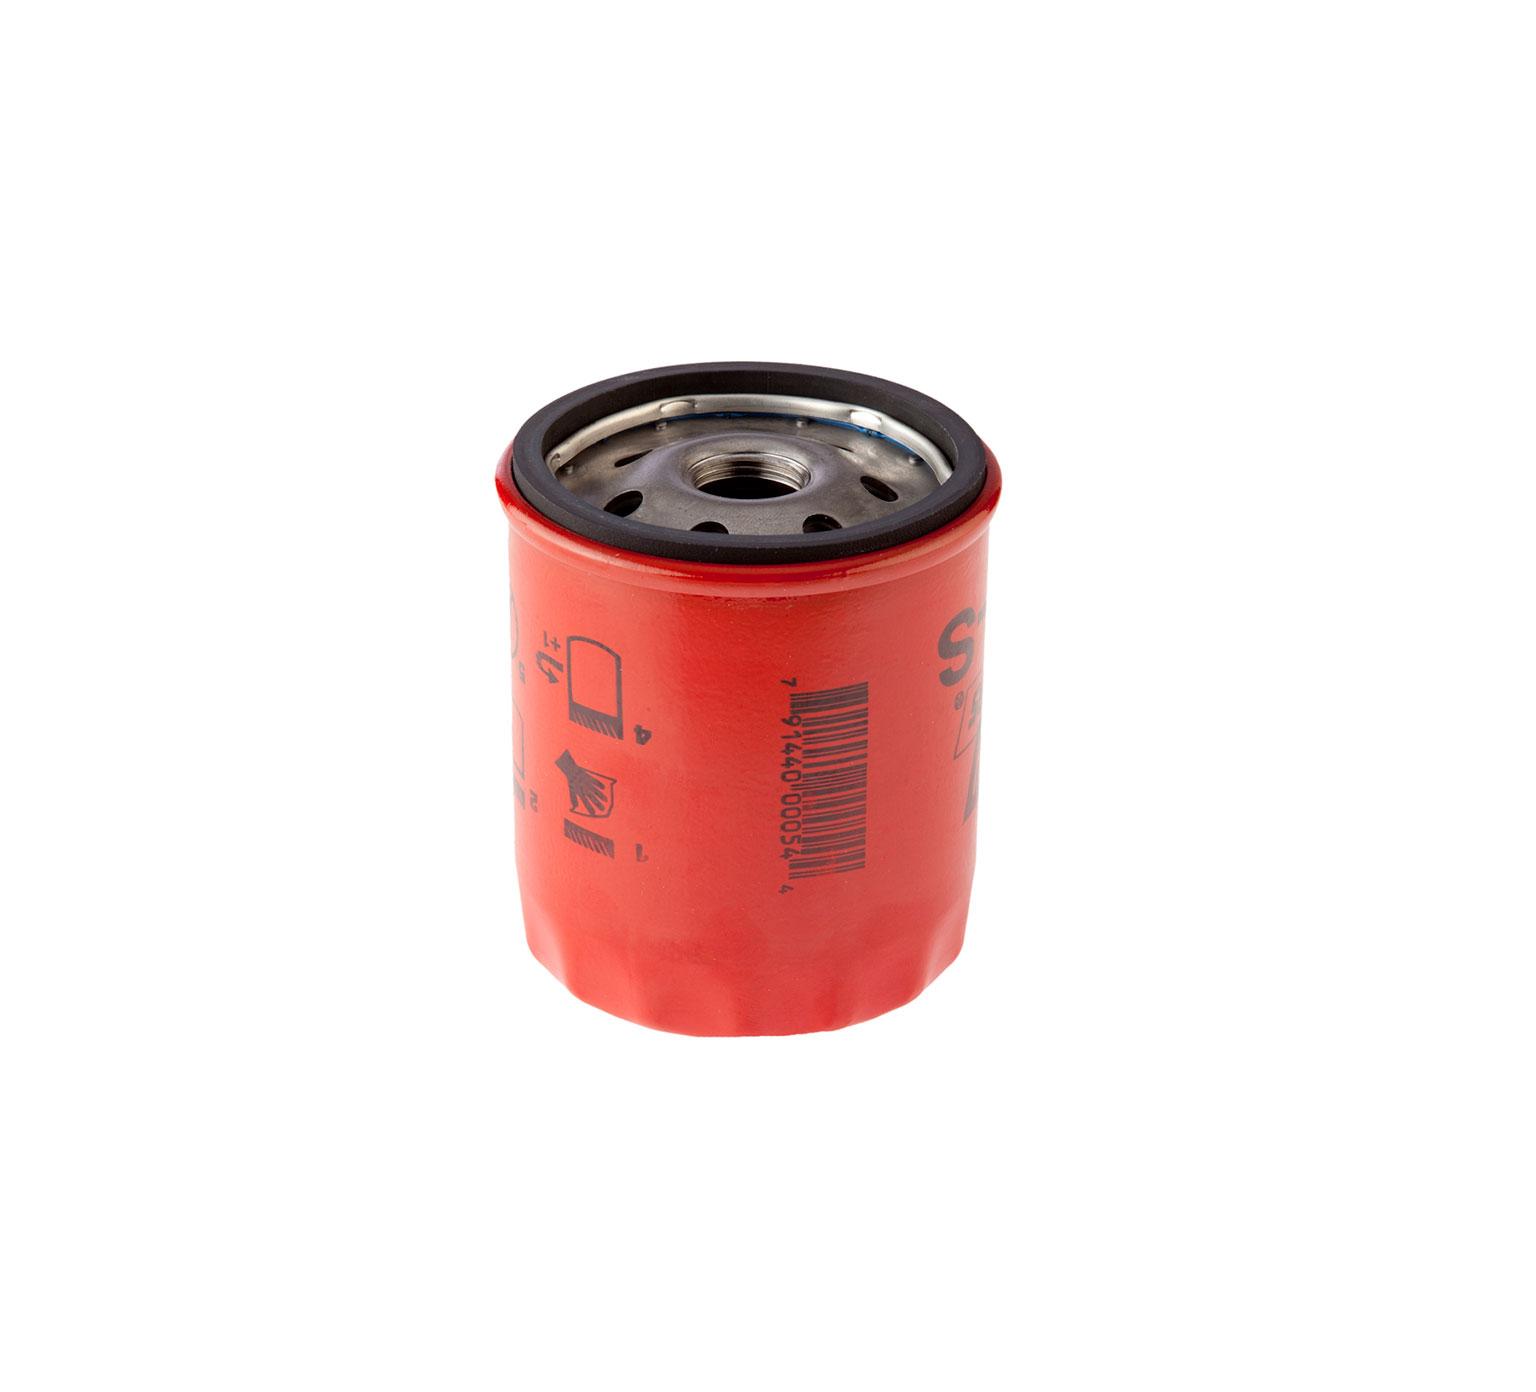 371972 spin on engine oil filter element alt 1